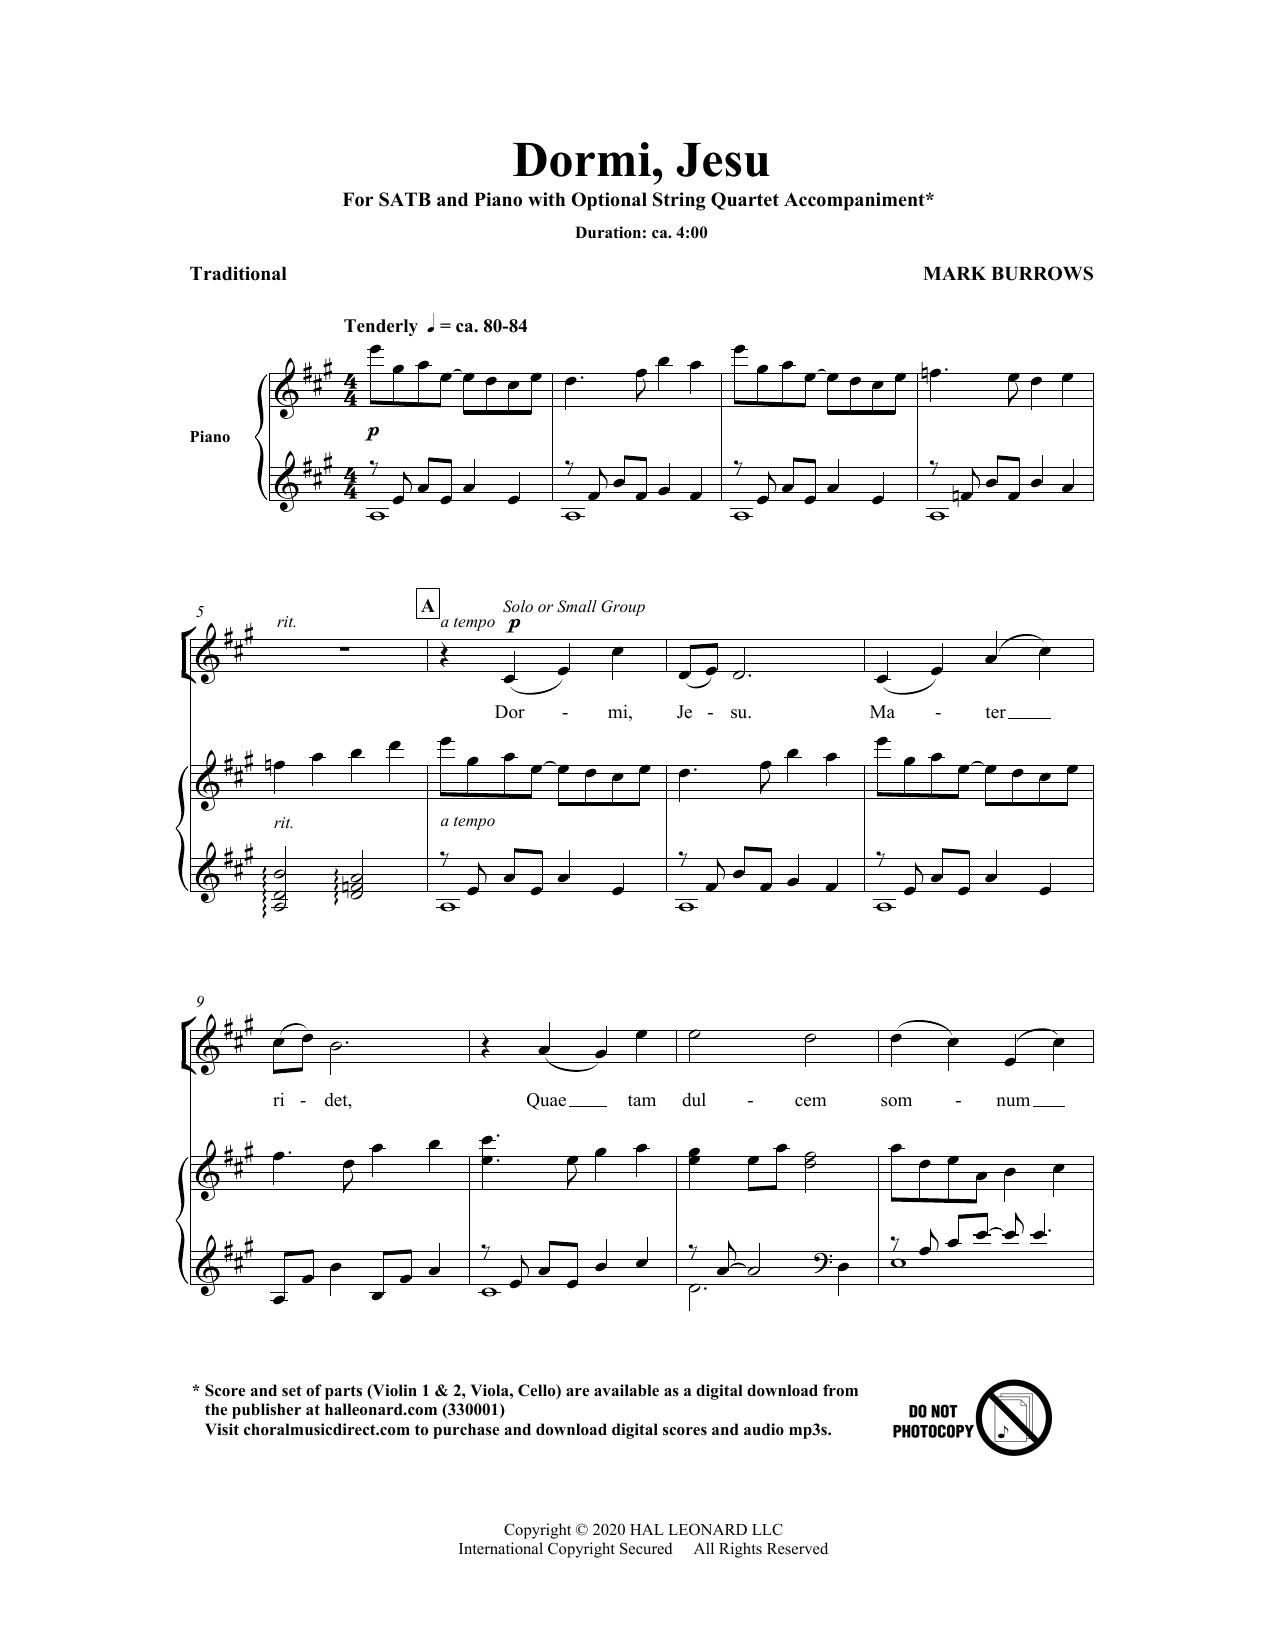 Dormi, Jesu Sheet Music